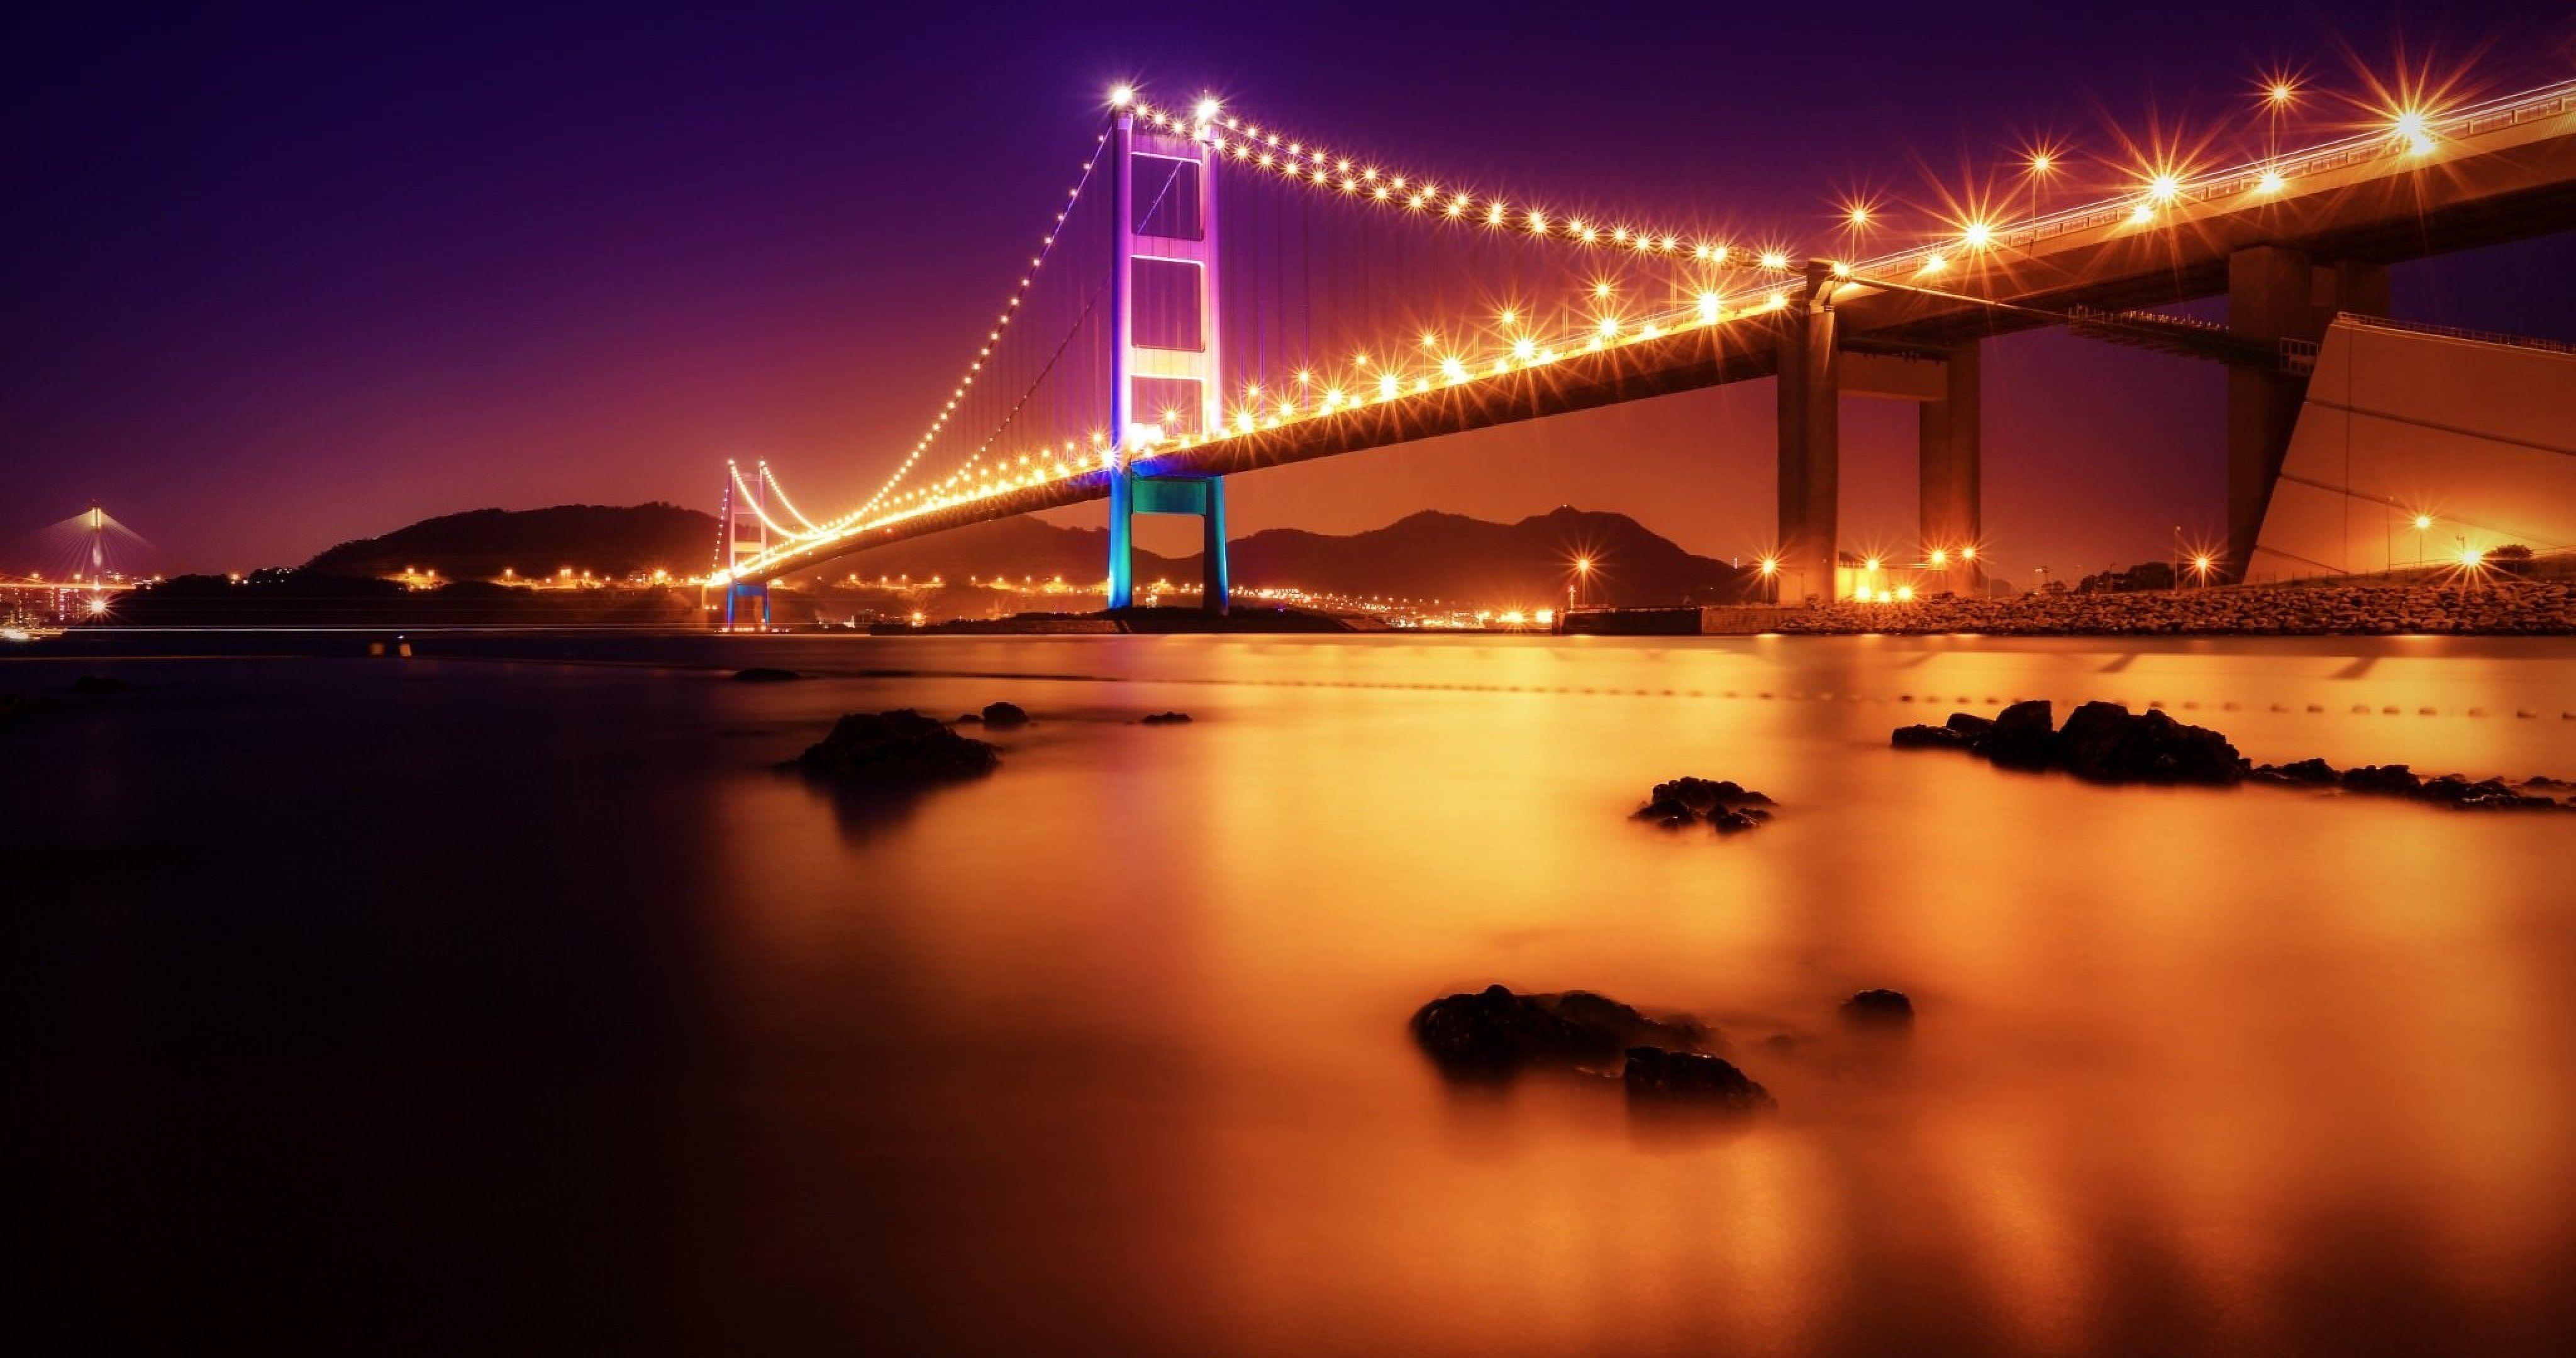 Tsing Ma Bridge 4k Ultra Hd Wallpaper Hd Wallpaper Hd Wallpapers Iphone6 Wallpaper